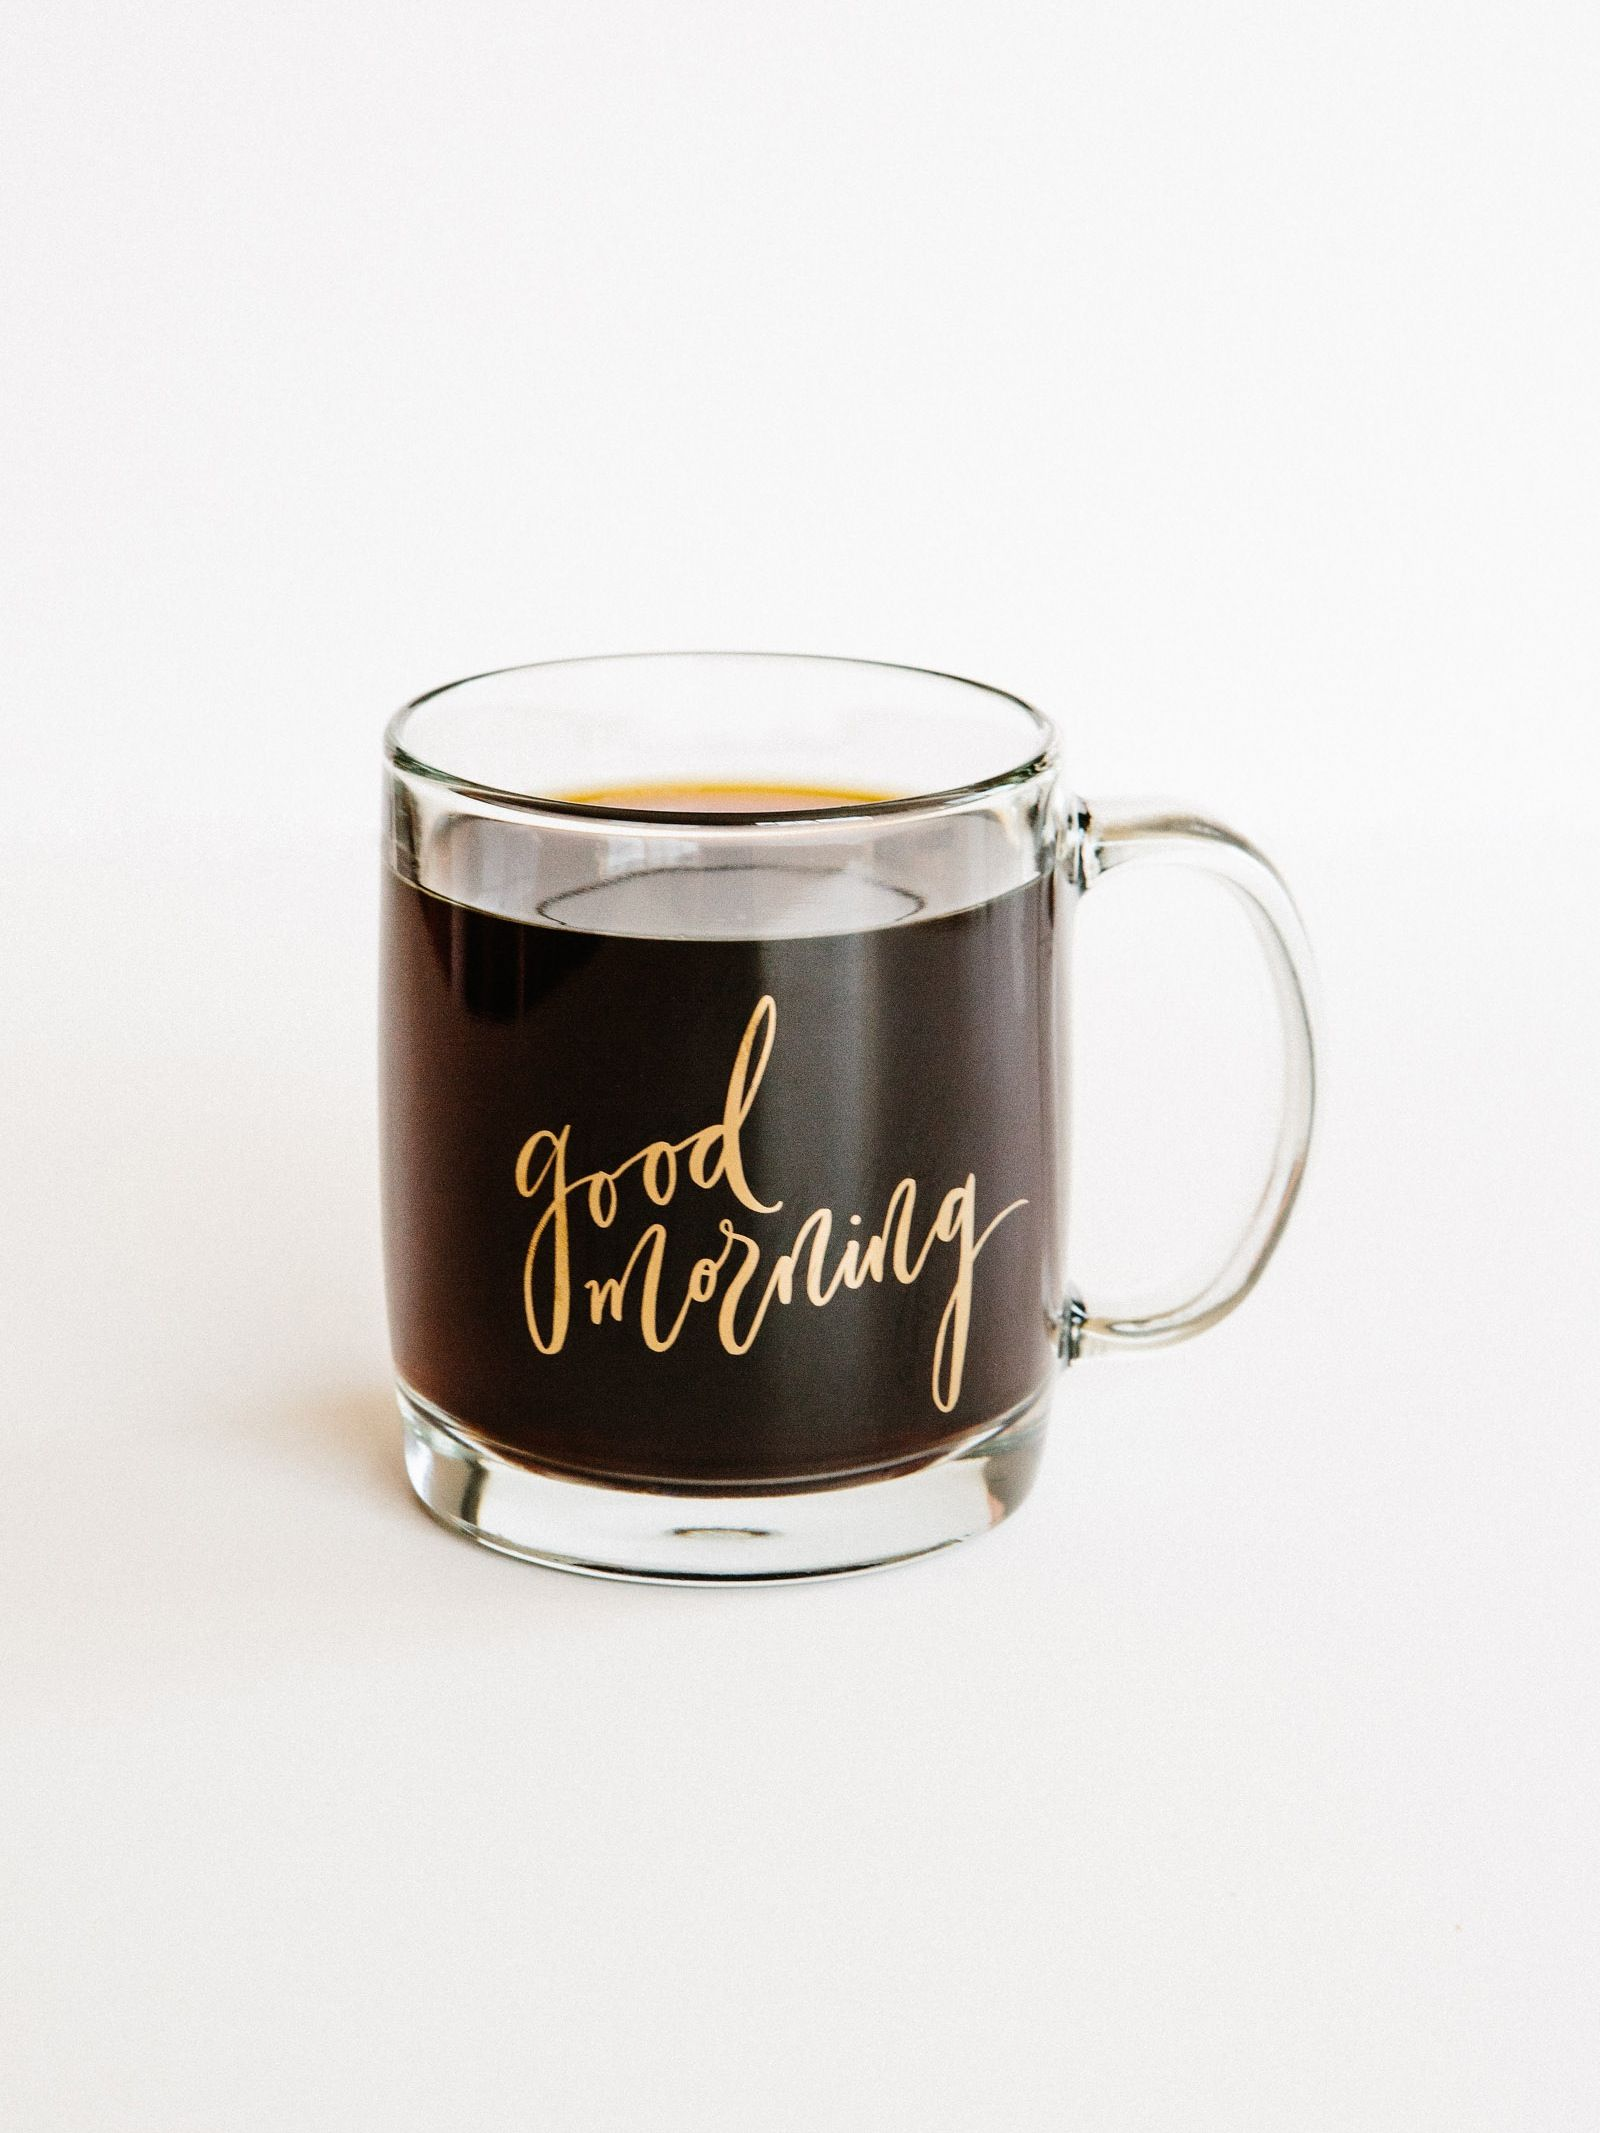 Coffee mug mugs clear coffee mugs cool coffee cups